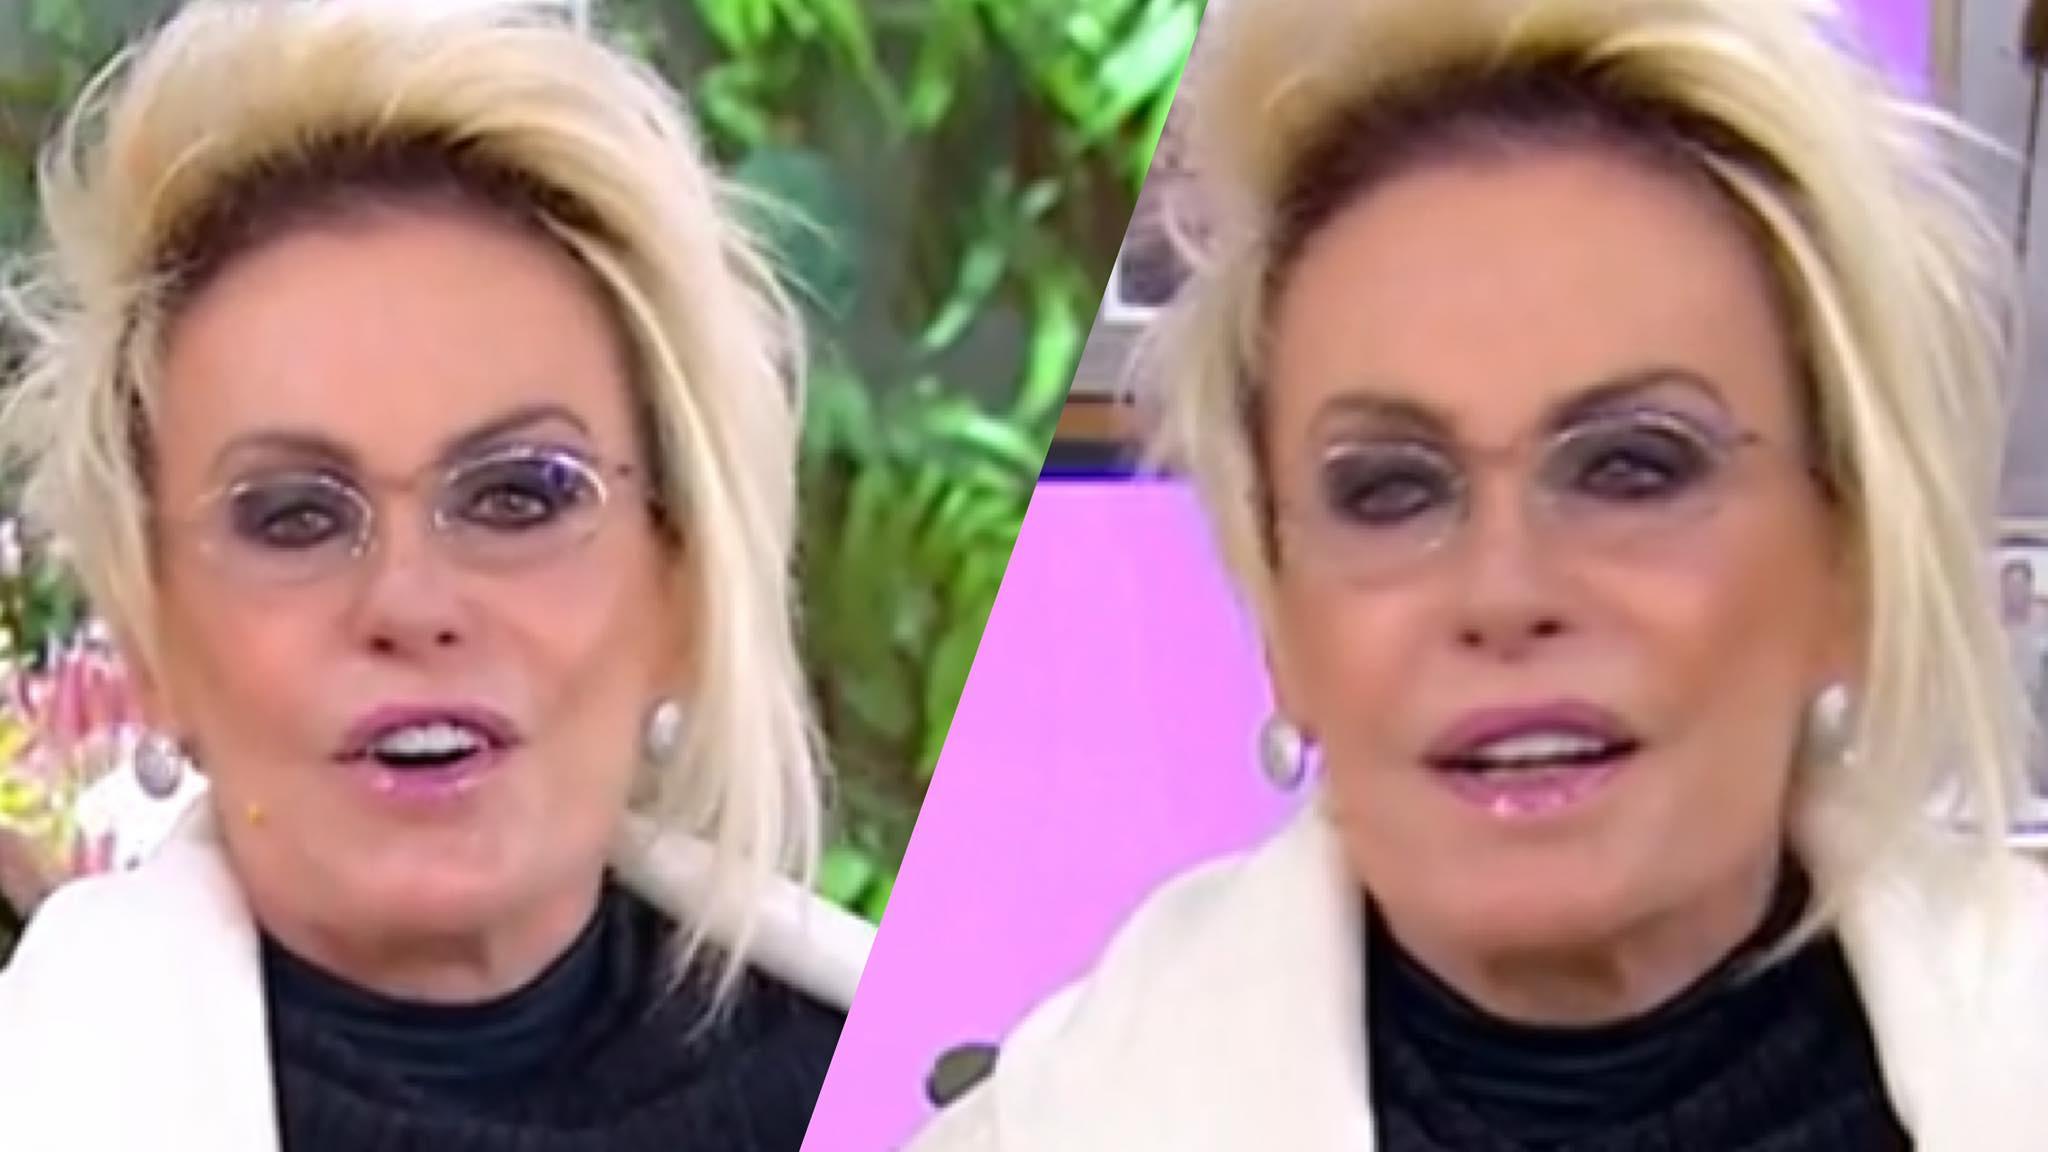 Ana Maria Braga usa traje inusitado e internautas comparam casaco com um roupão (montagem: Fashion Bubbles)